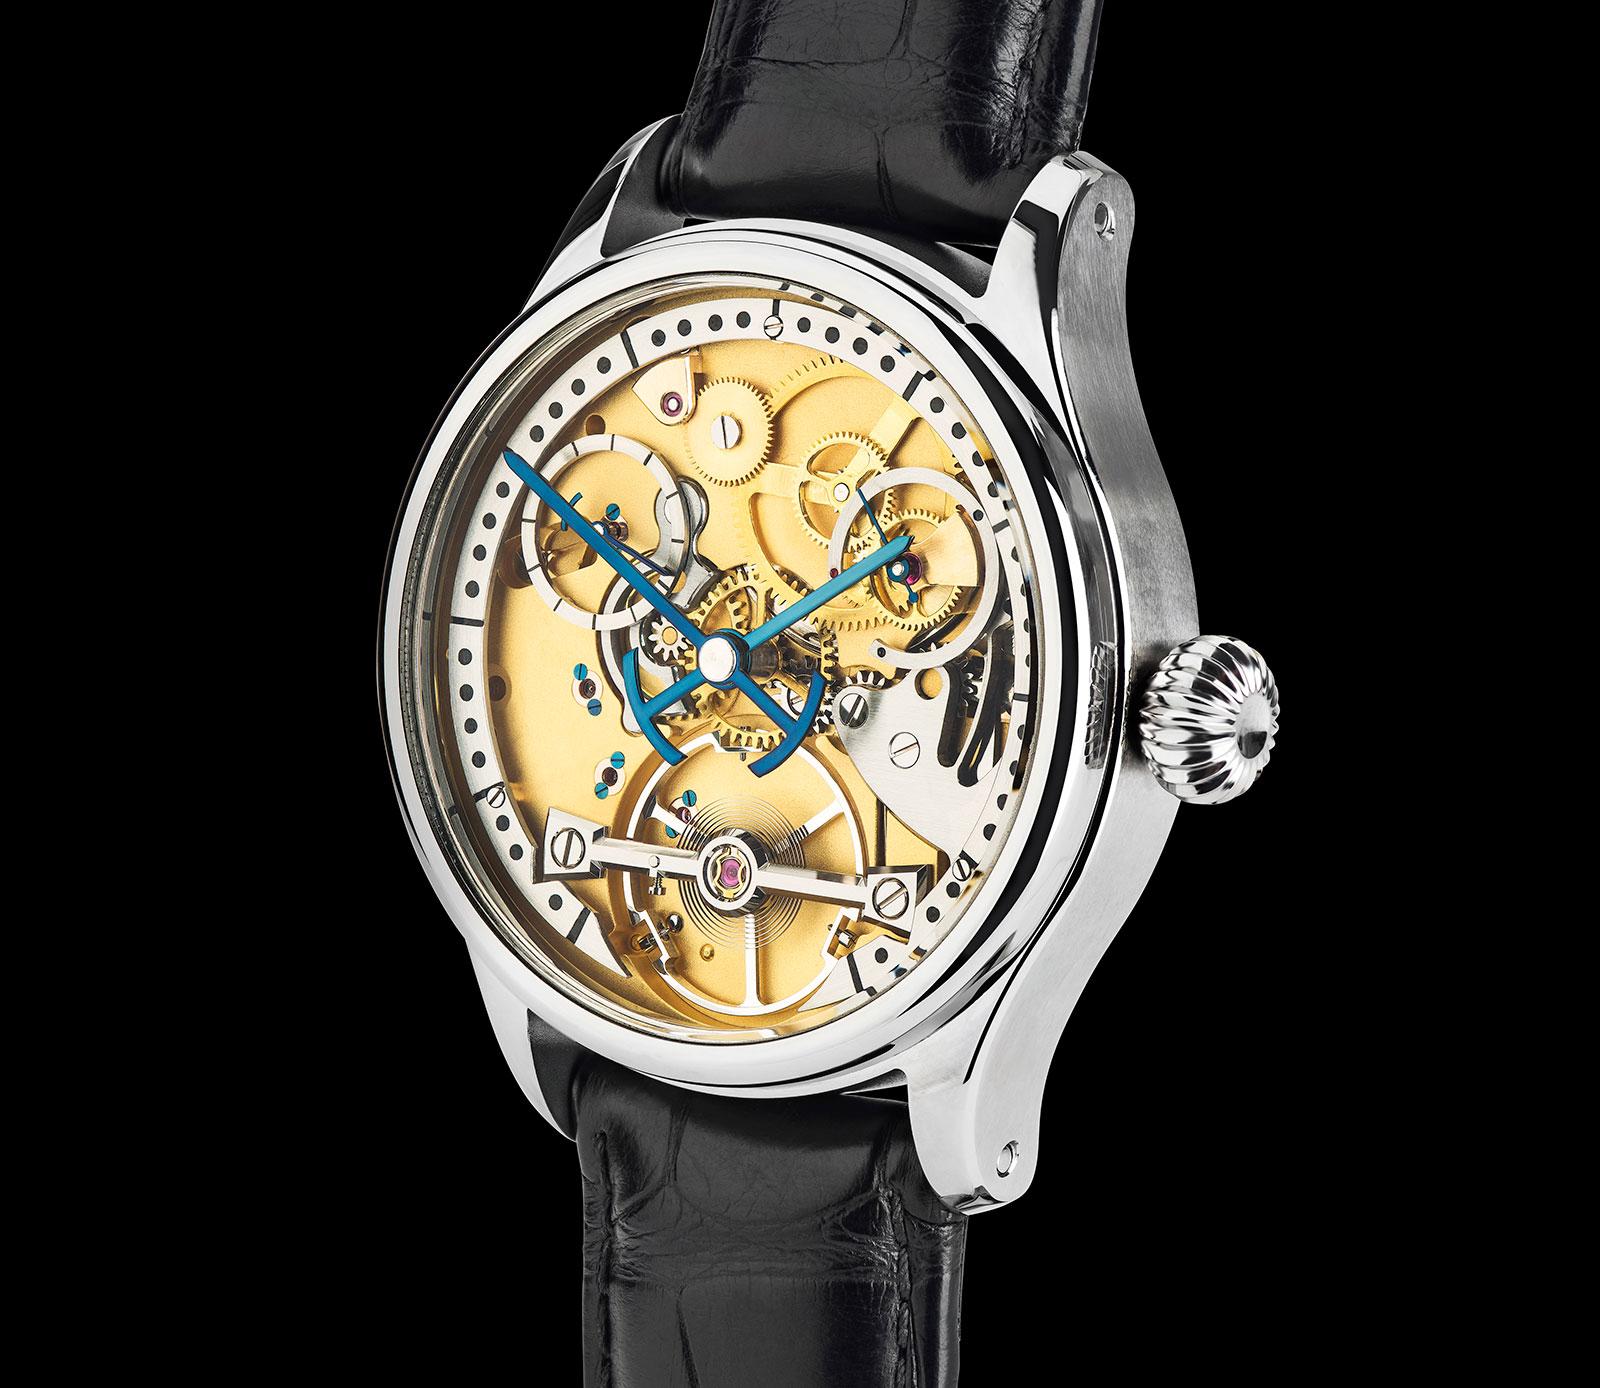 Garrick S1 watch 3